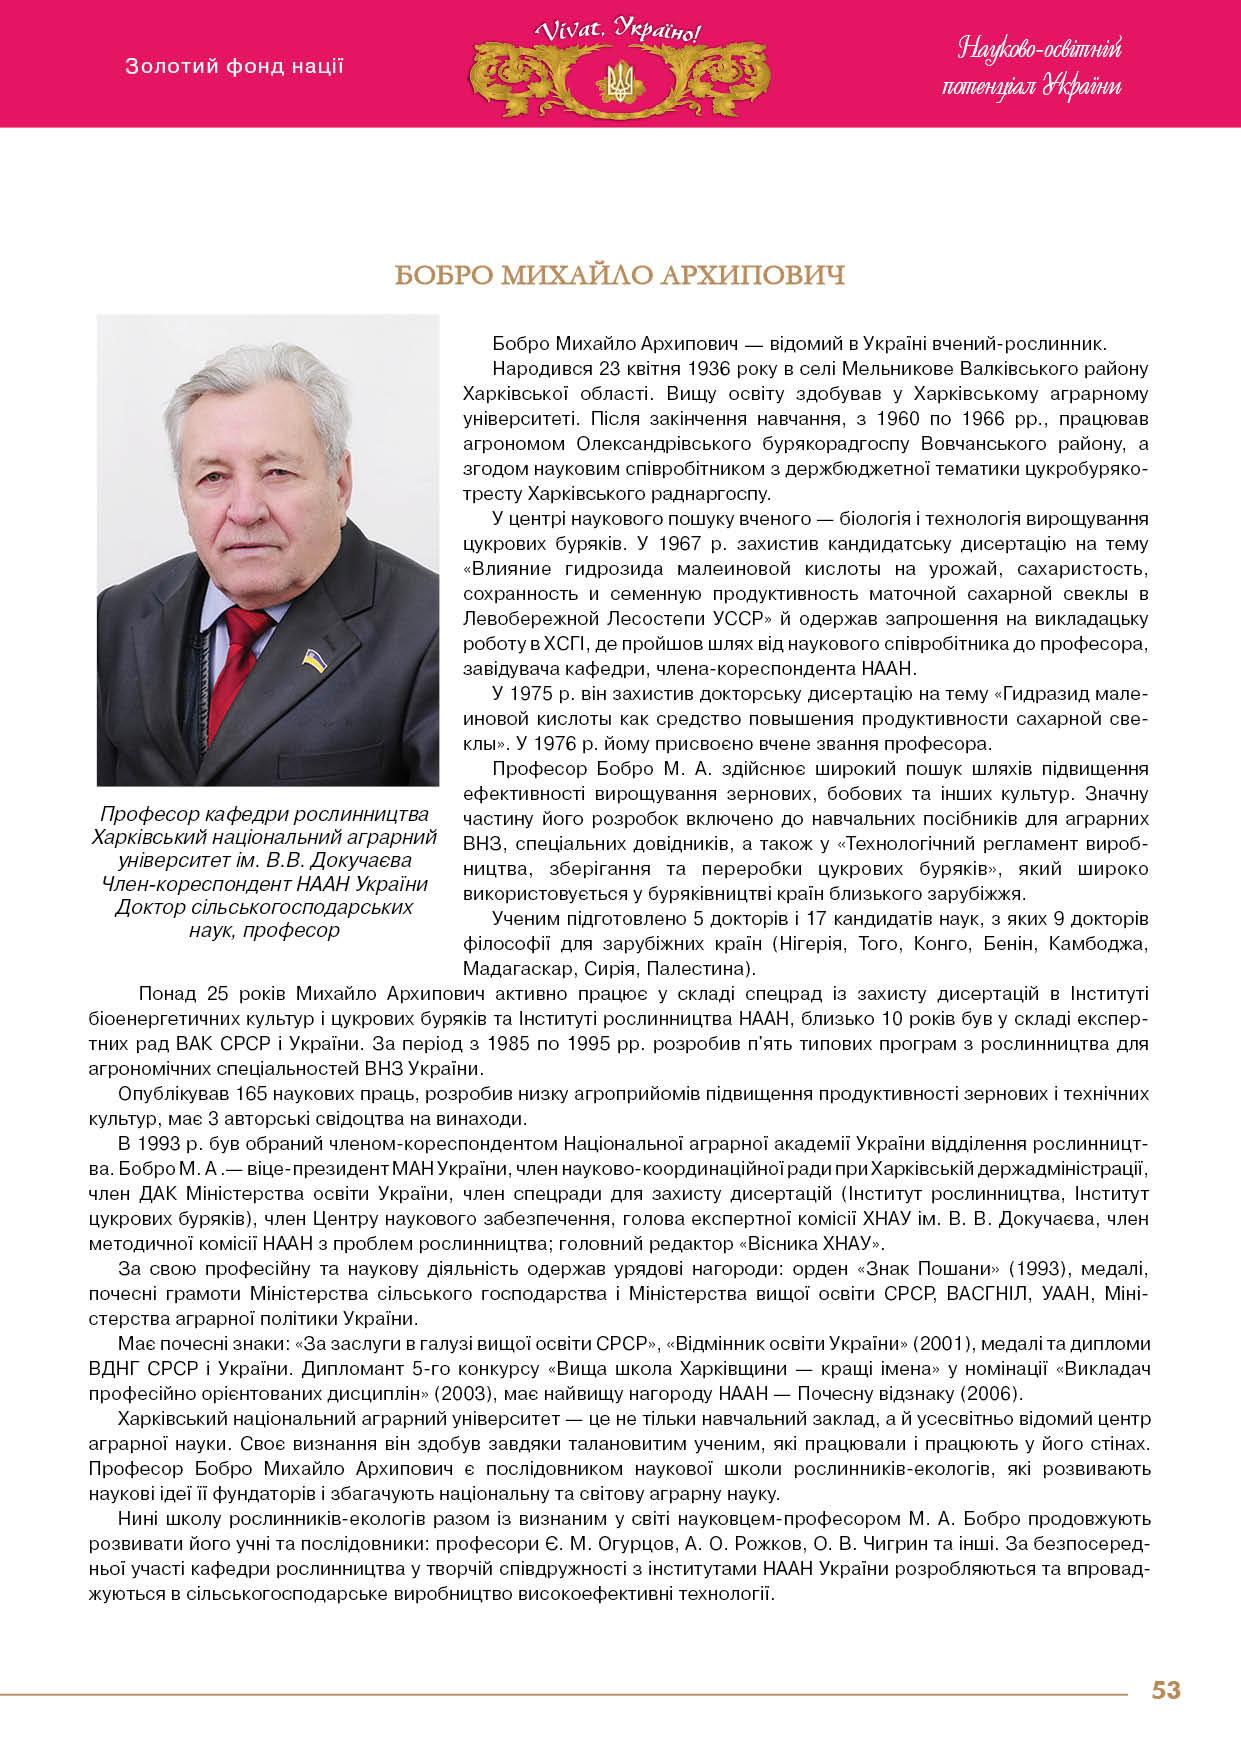 Бобро Михайло Архипович